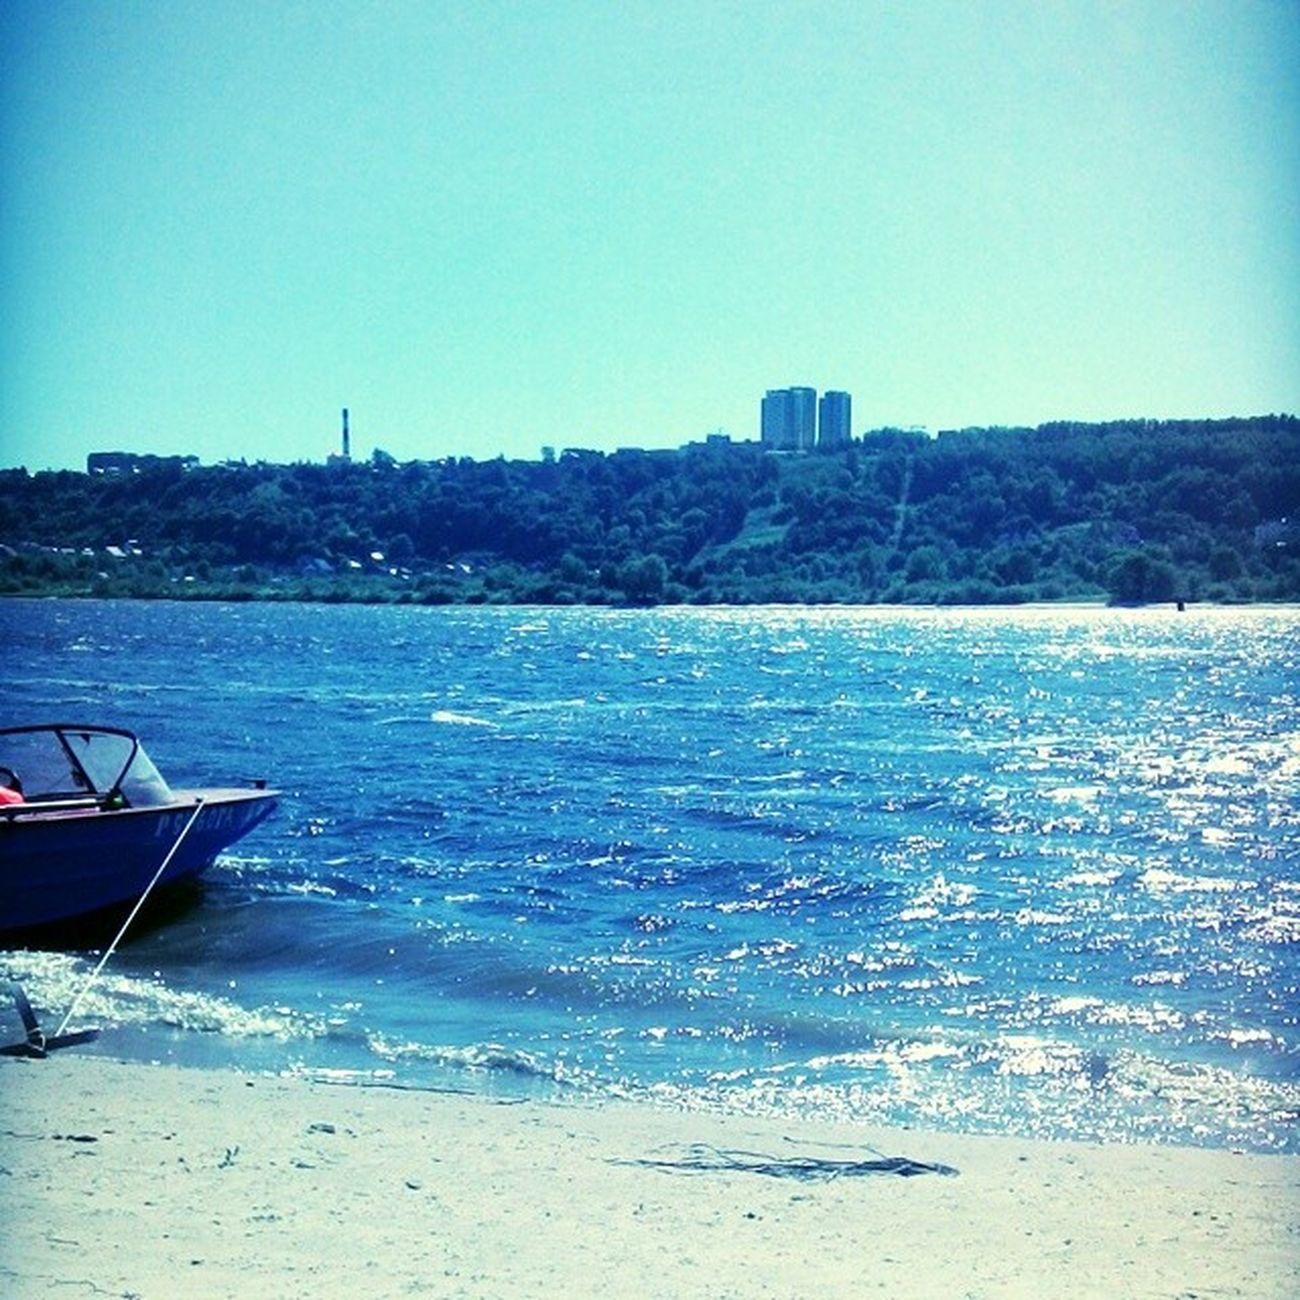 пляж катер волны брызги родныеотличнаяпогодашашлыккайф